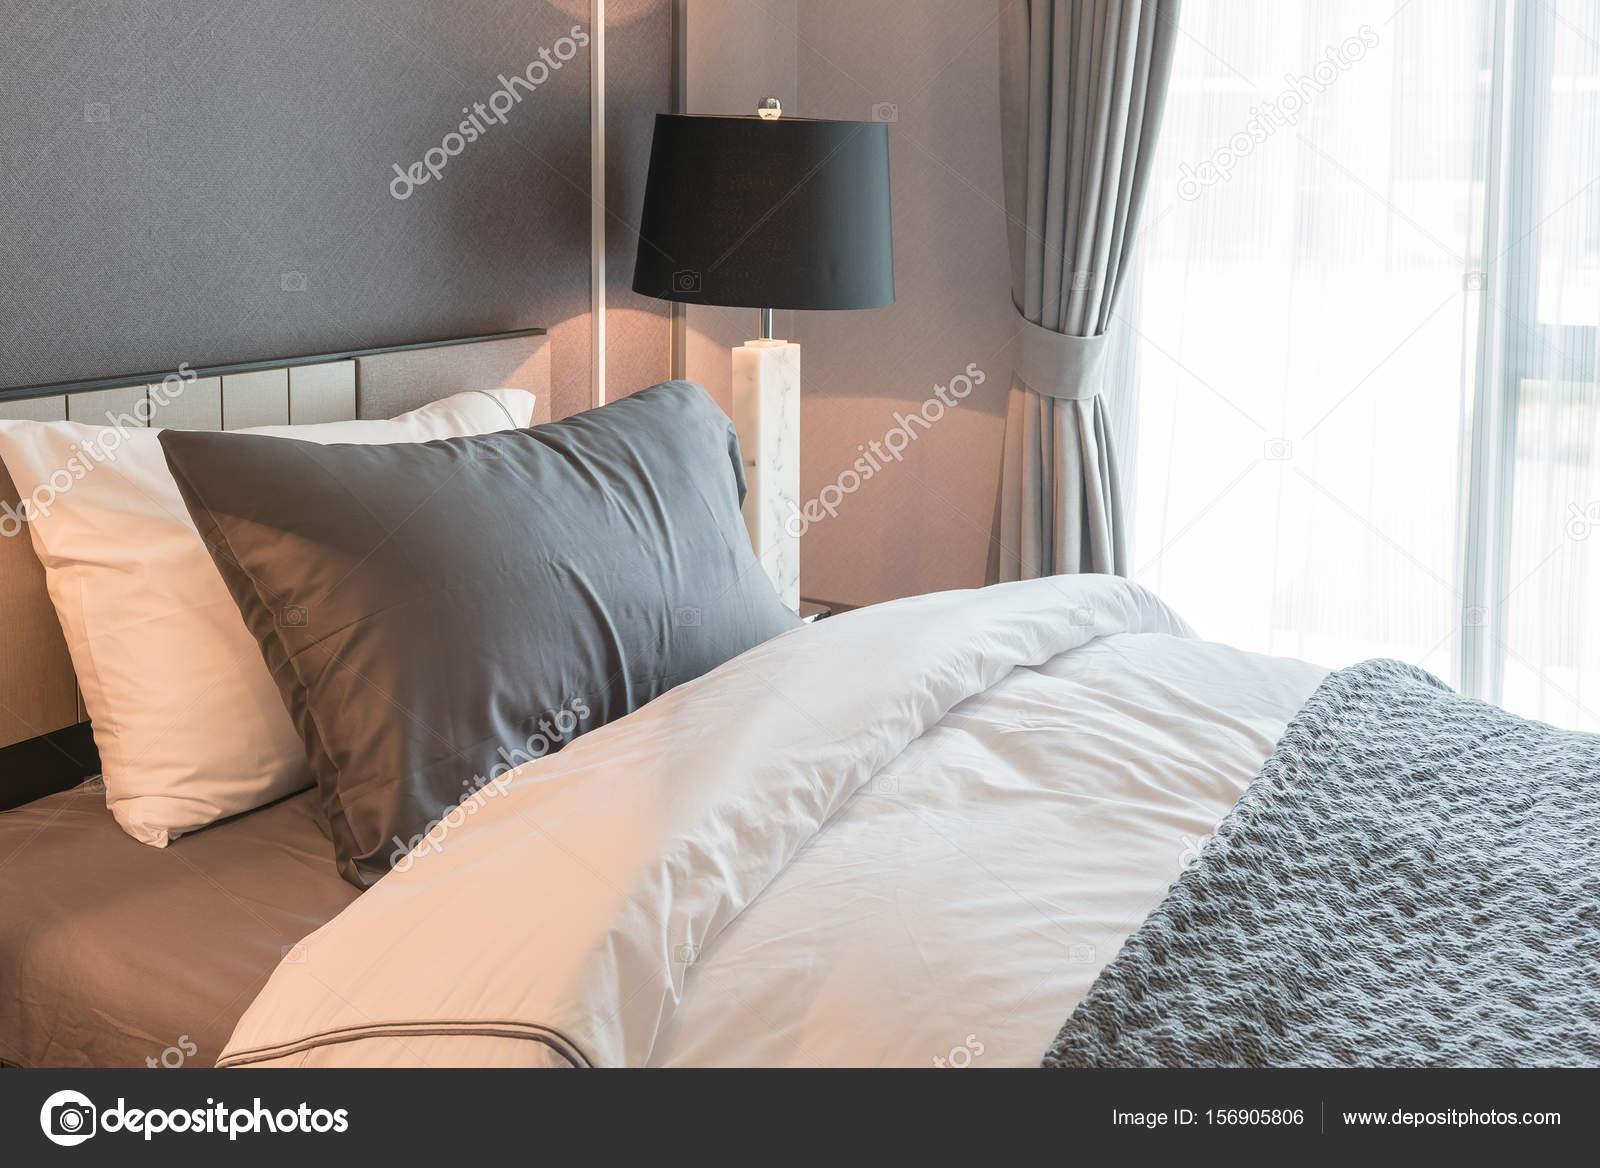 Letto singolo con lampada nera in camera da letto in stile